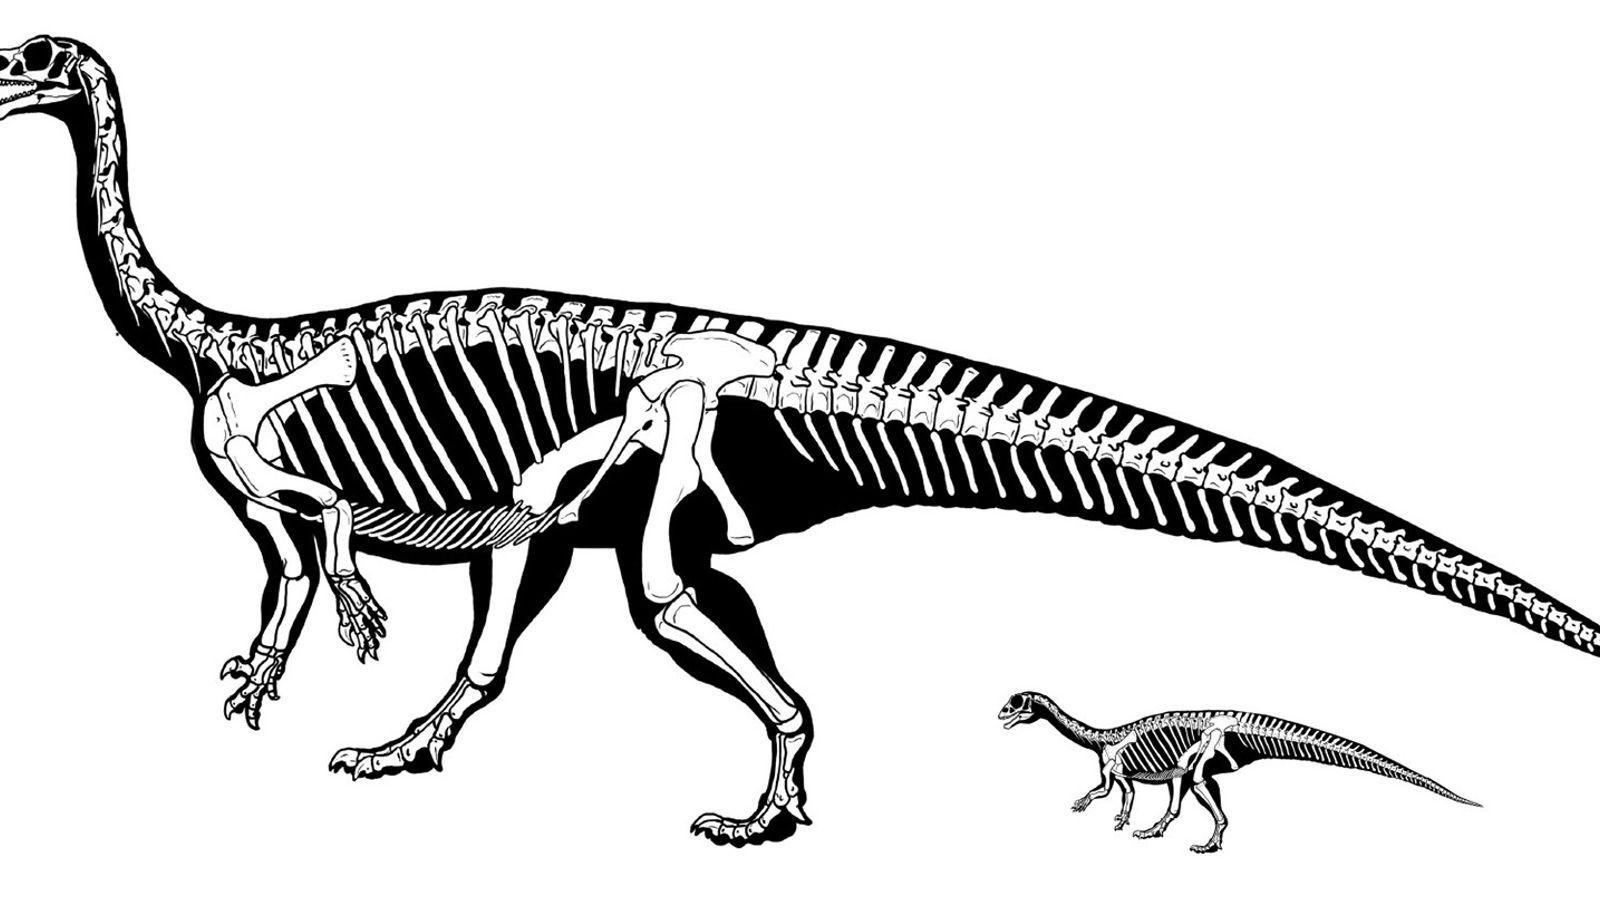 Dans son jeune âge, le dinosaure Mussaurus patagonicus marchait à quatre pattes. Mais en grandissant, son ...